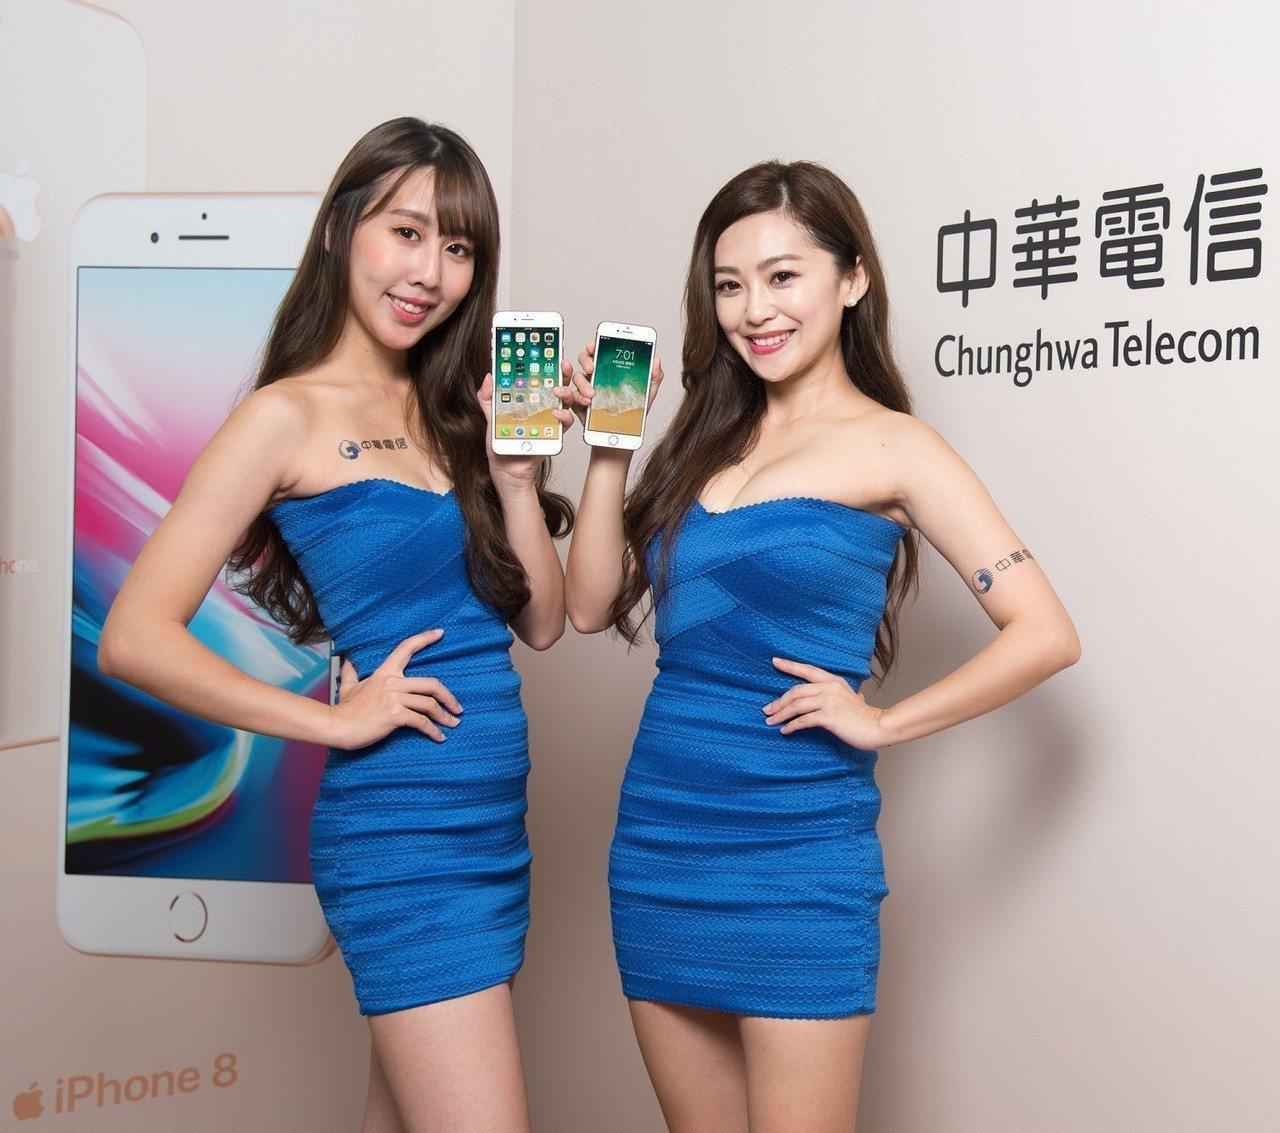 中華電信推出iPhone x、iPhone 8、iPhone 8 Plus限時折...